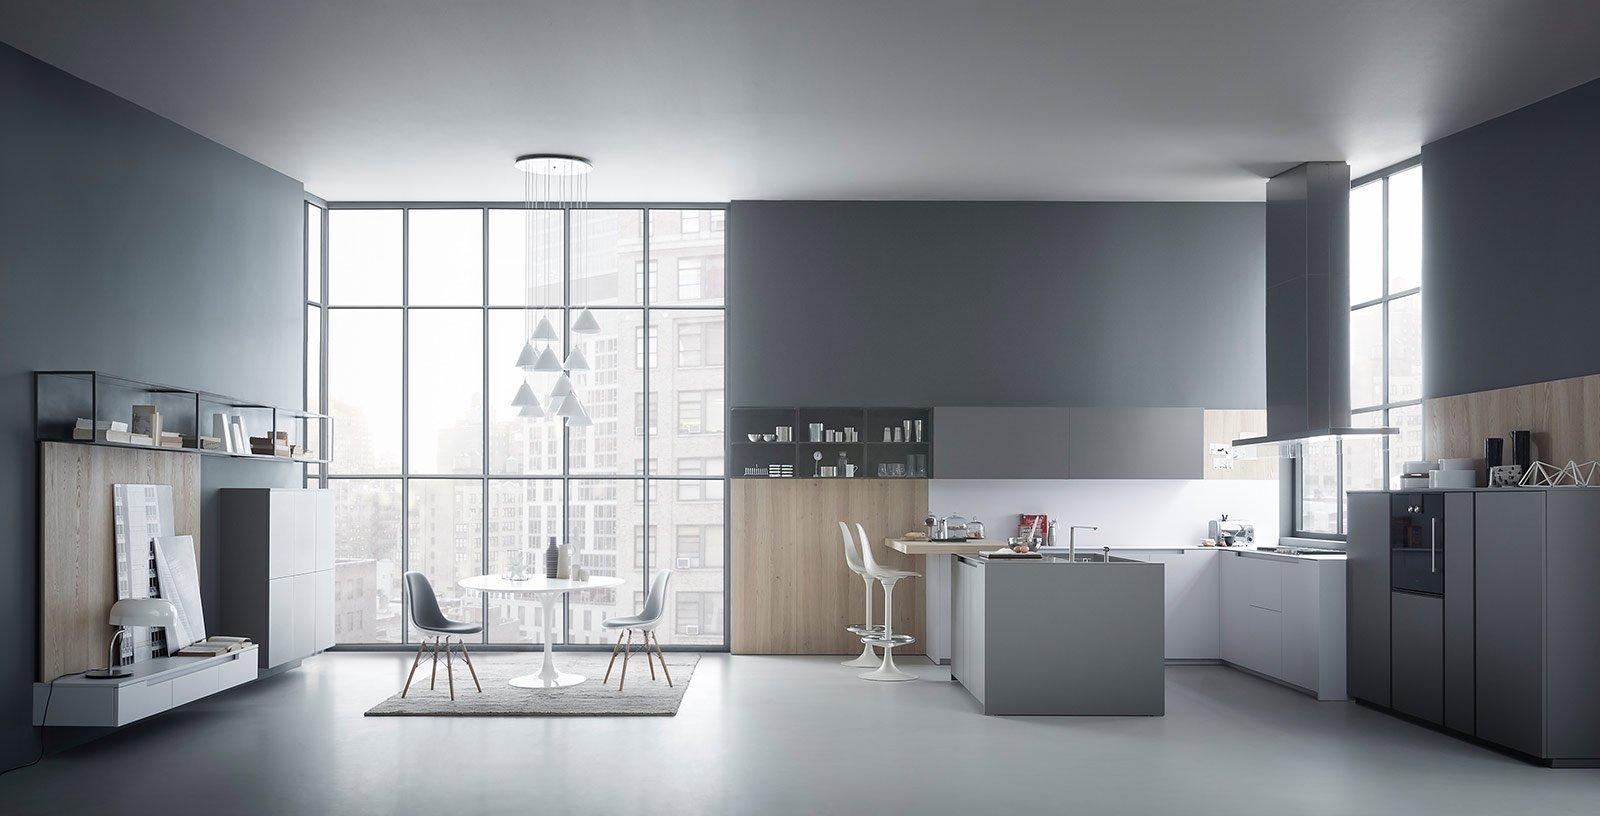 Una Cucina Di Grande Impatto Con Soluzioni In Esclusiva: Le Ante 3D  #71655A 1600 816 Veneta Cucine A Siena